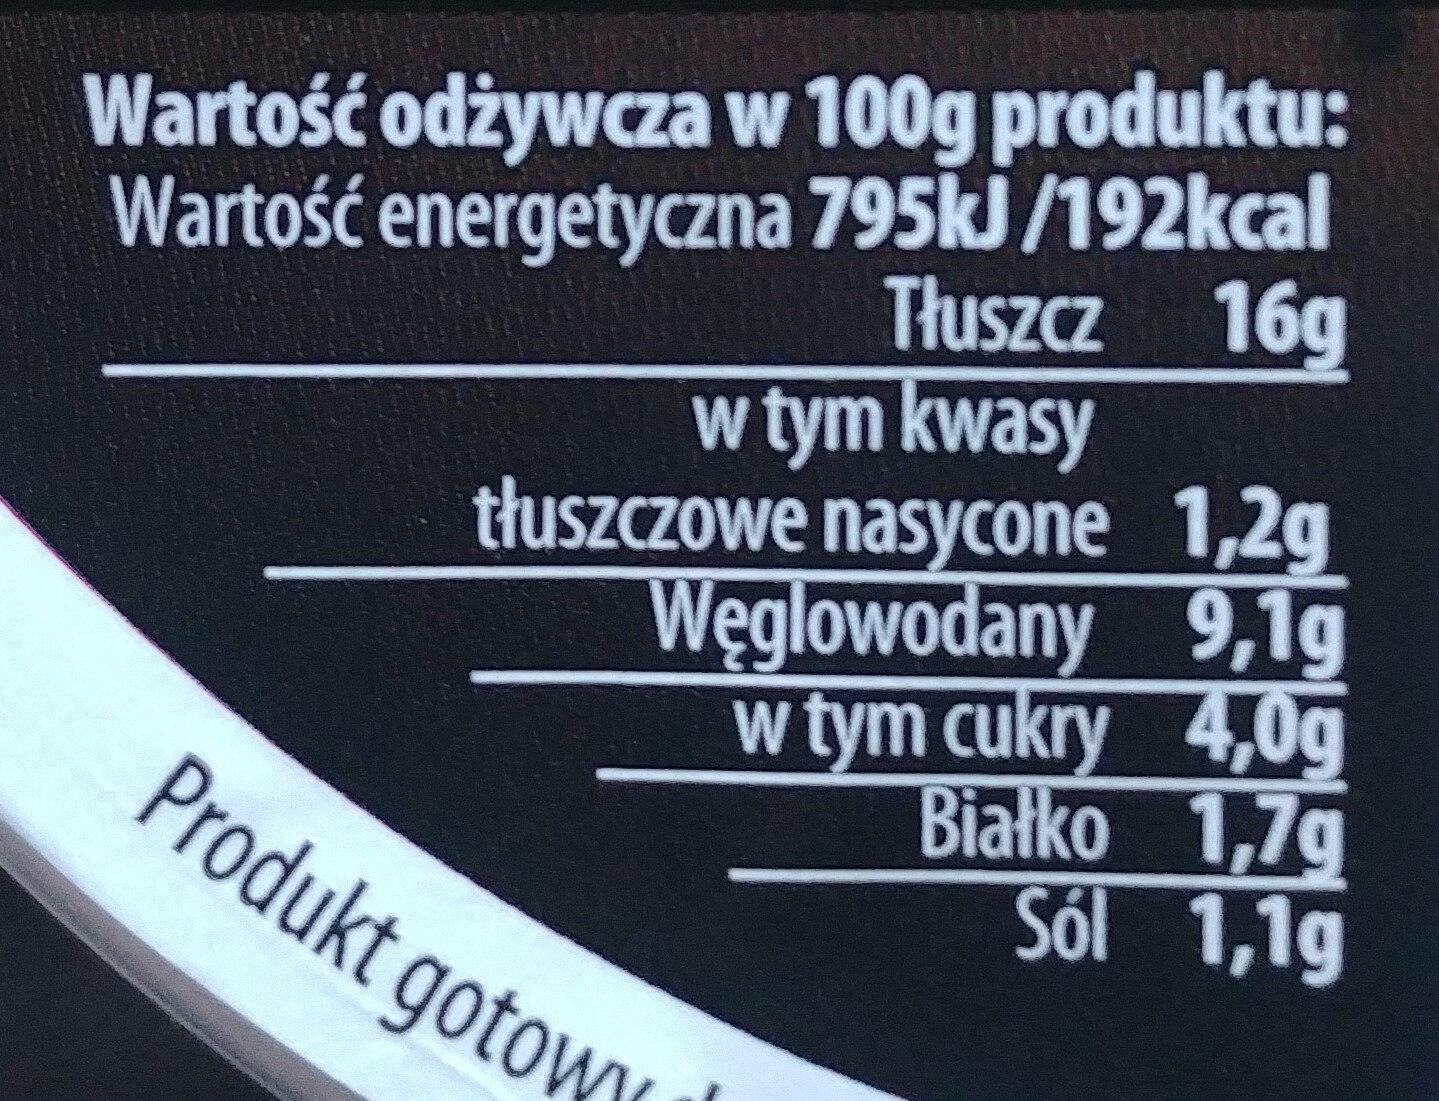 Sałatka jarzynowa - Wartości odżywcze - pl